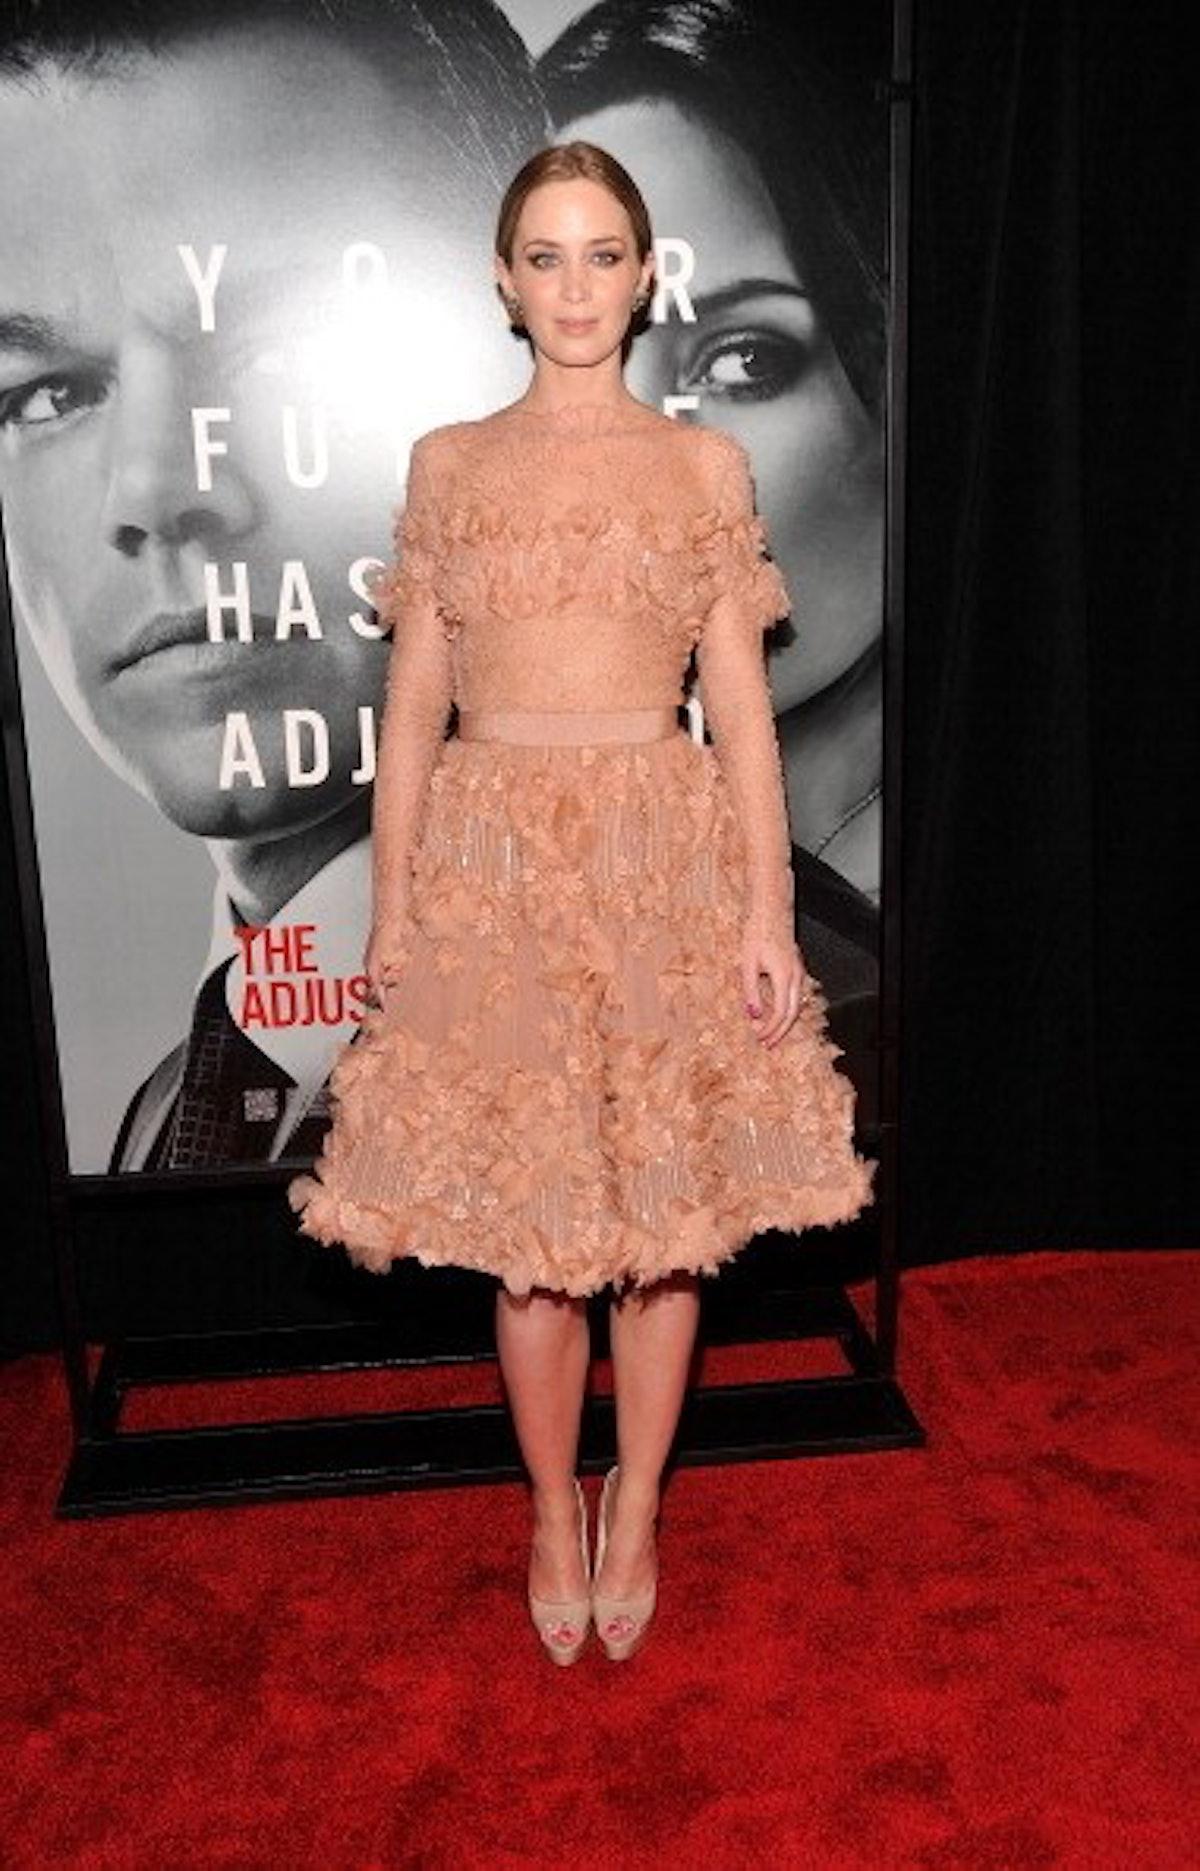 Emily Blunt in a flowery nude dress.